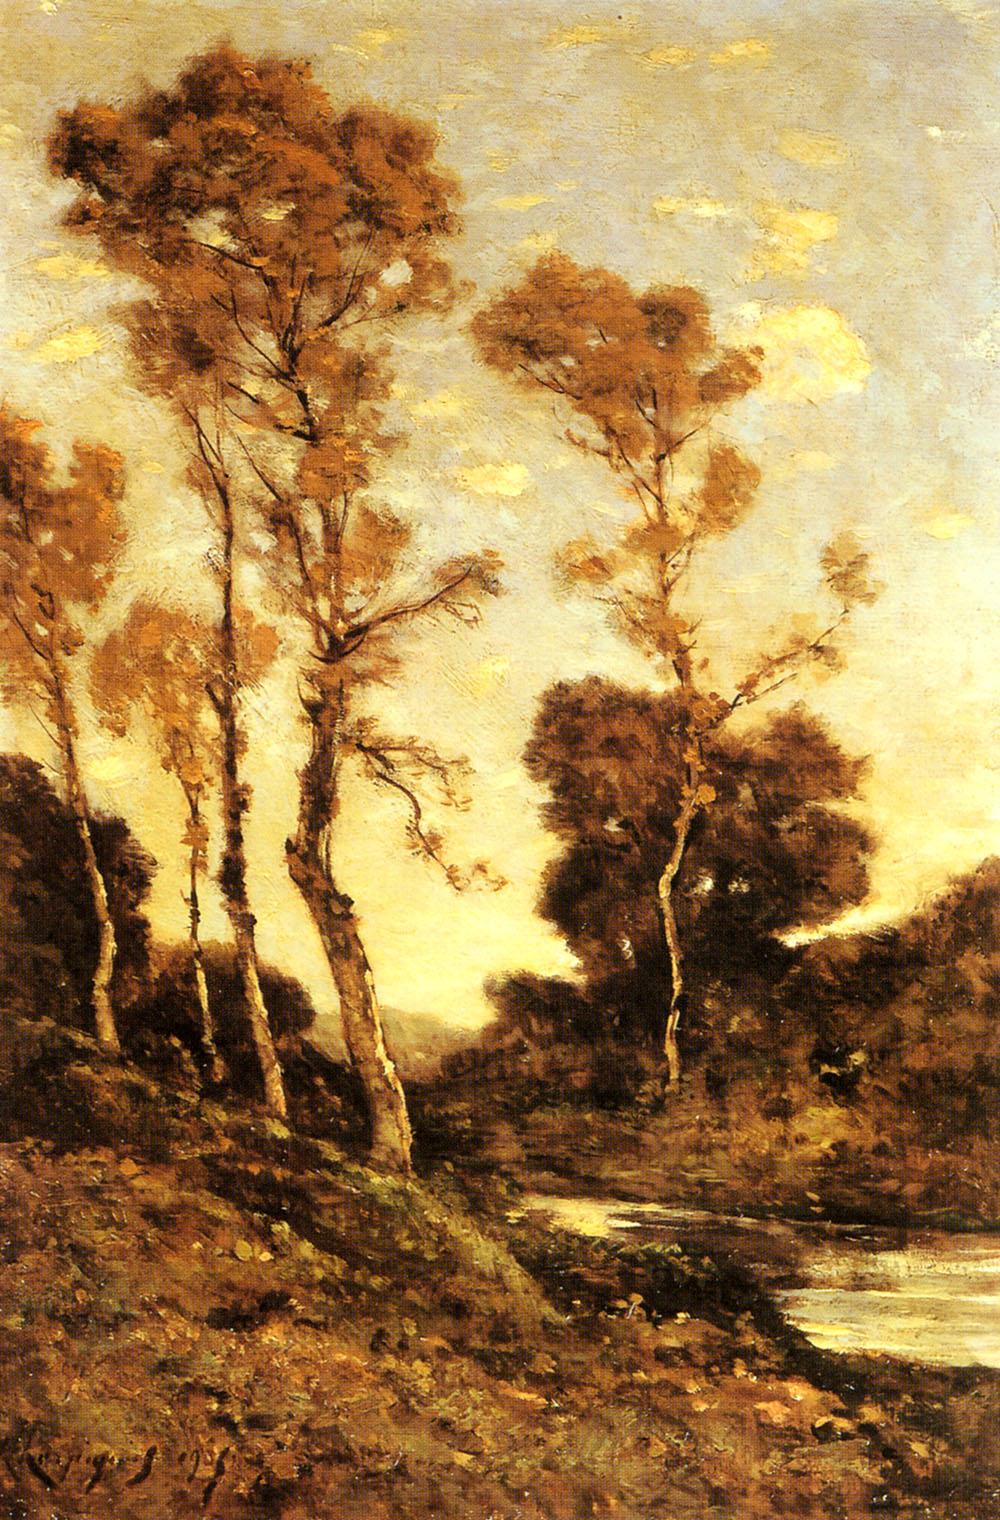 Autumnal River Landscape | Henri Joseph Harpignies | Oil Painting